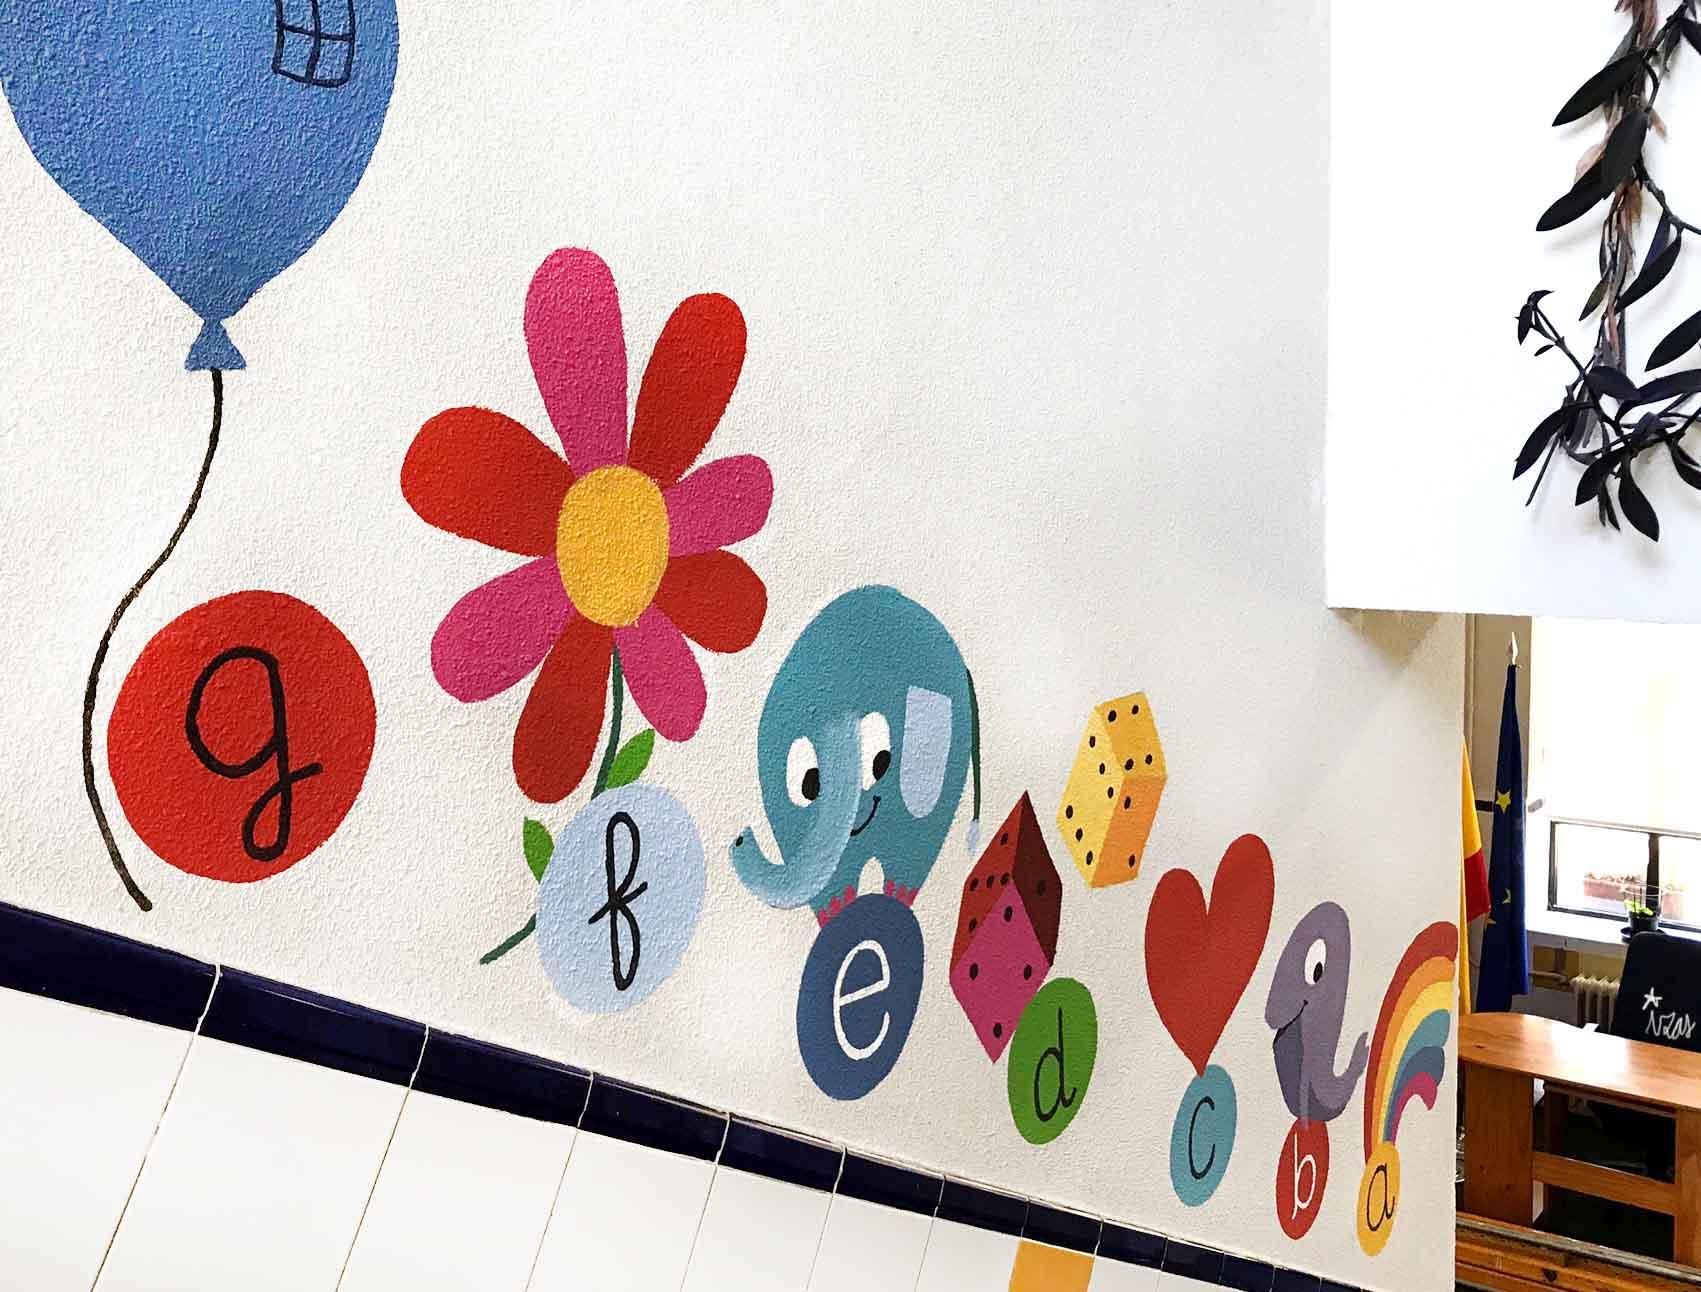 mural izas azulpatio soledad sainz escalera 14